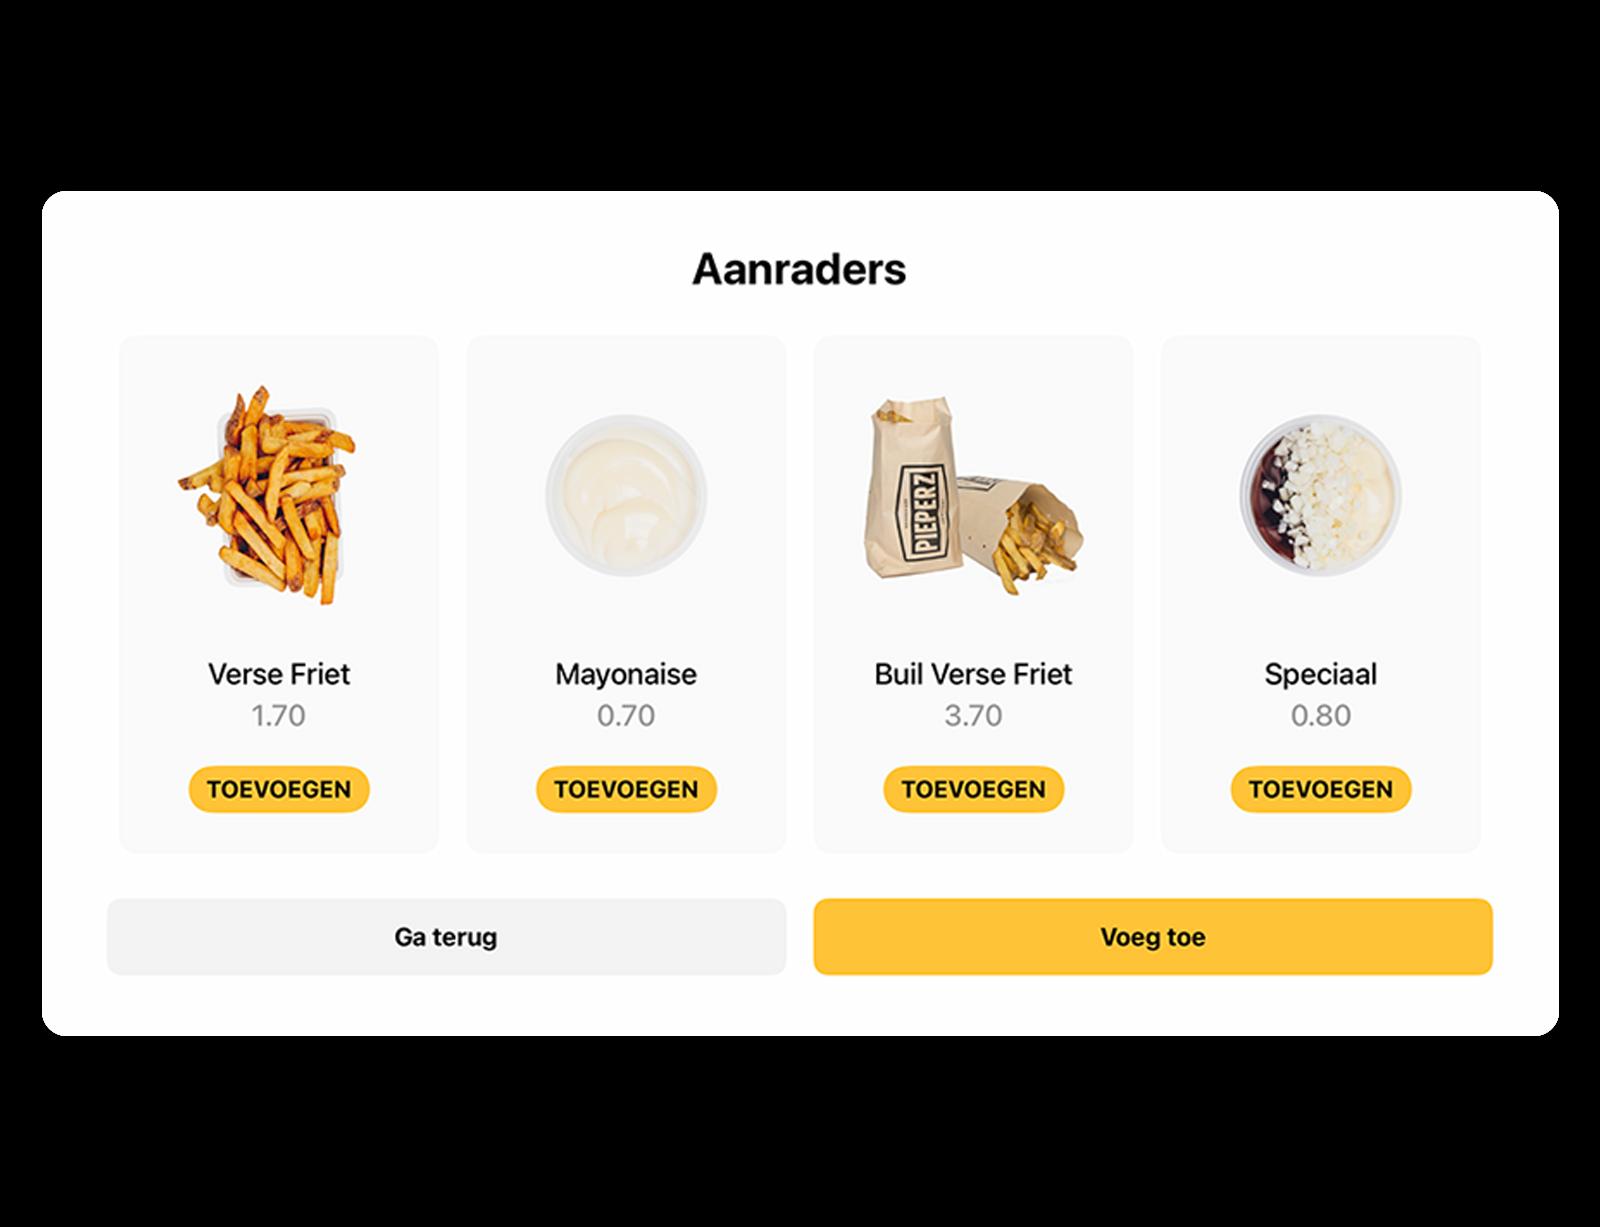 Een overzicht van alle aanbevelingen in het menu